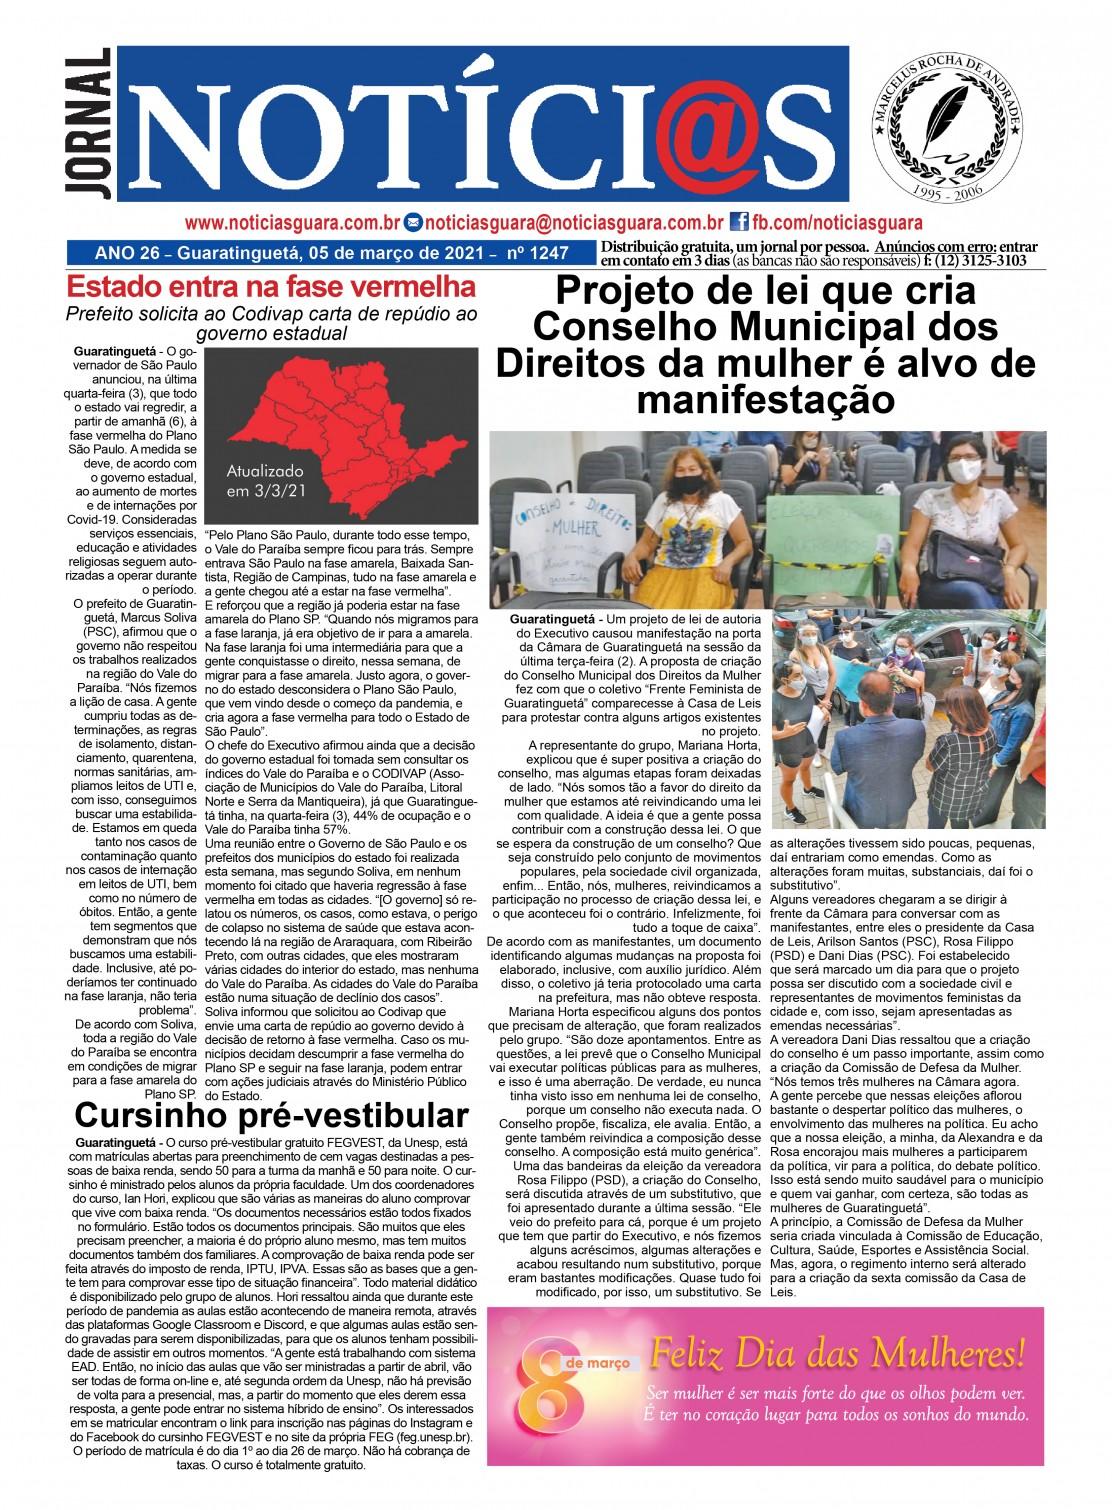 Edição nº1247 do Jornal pagina 1247